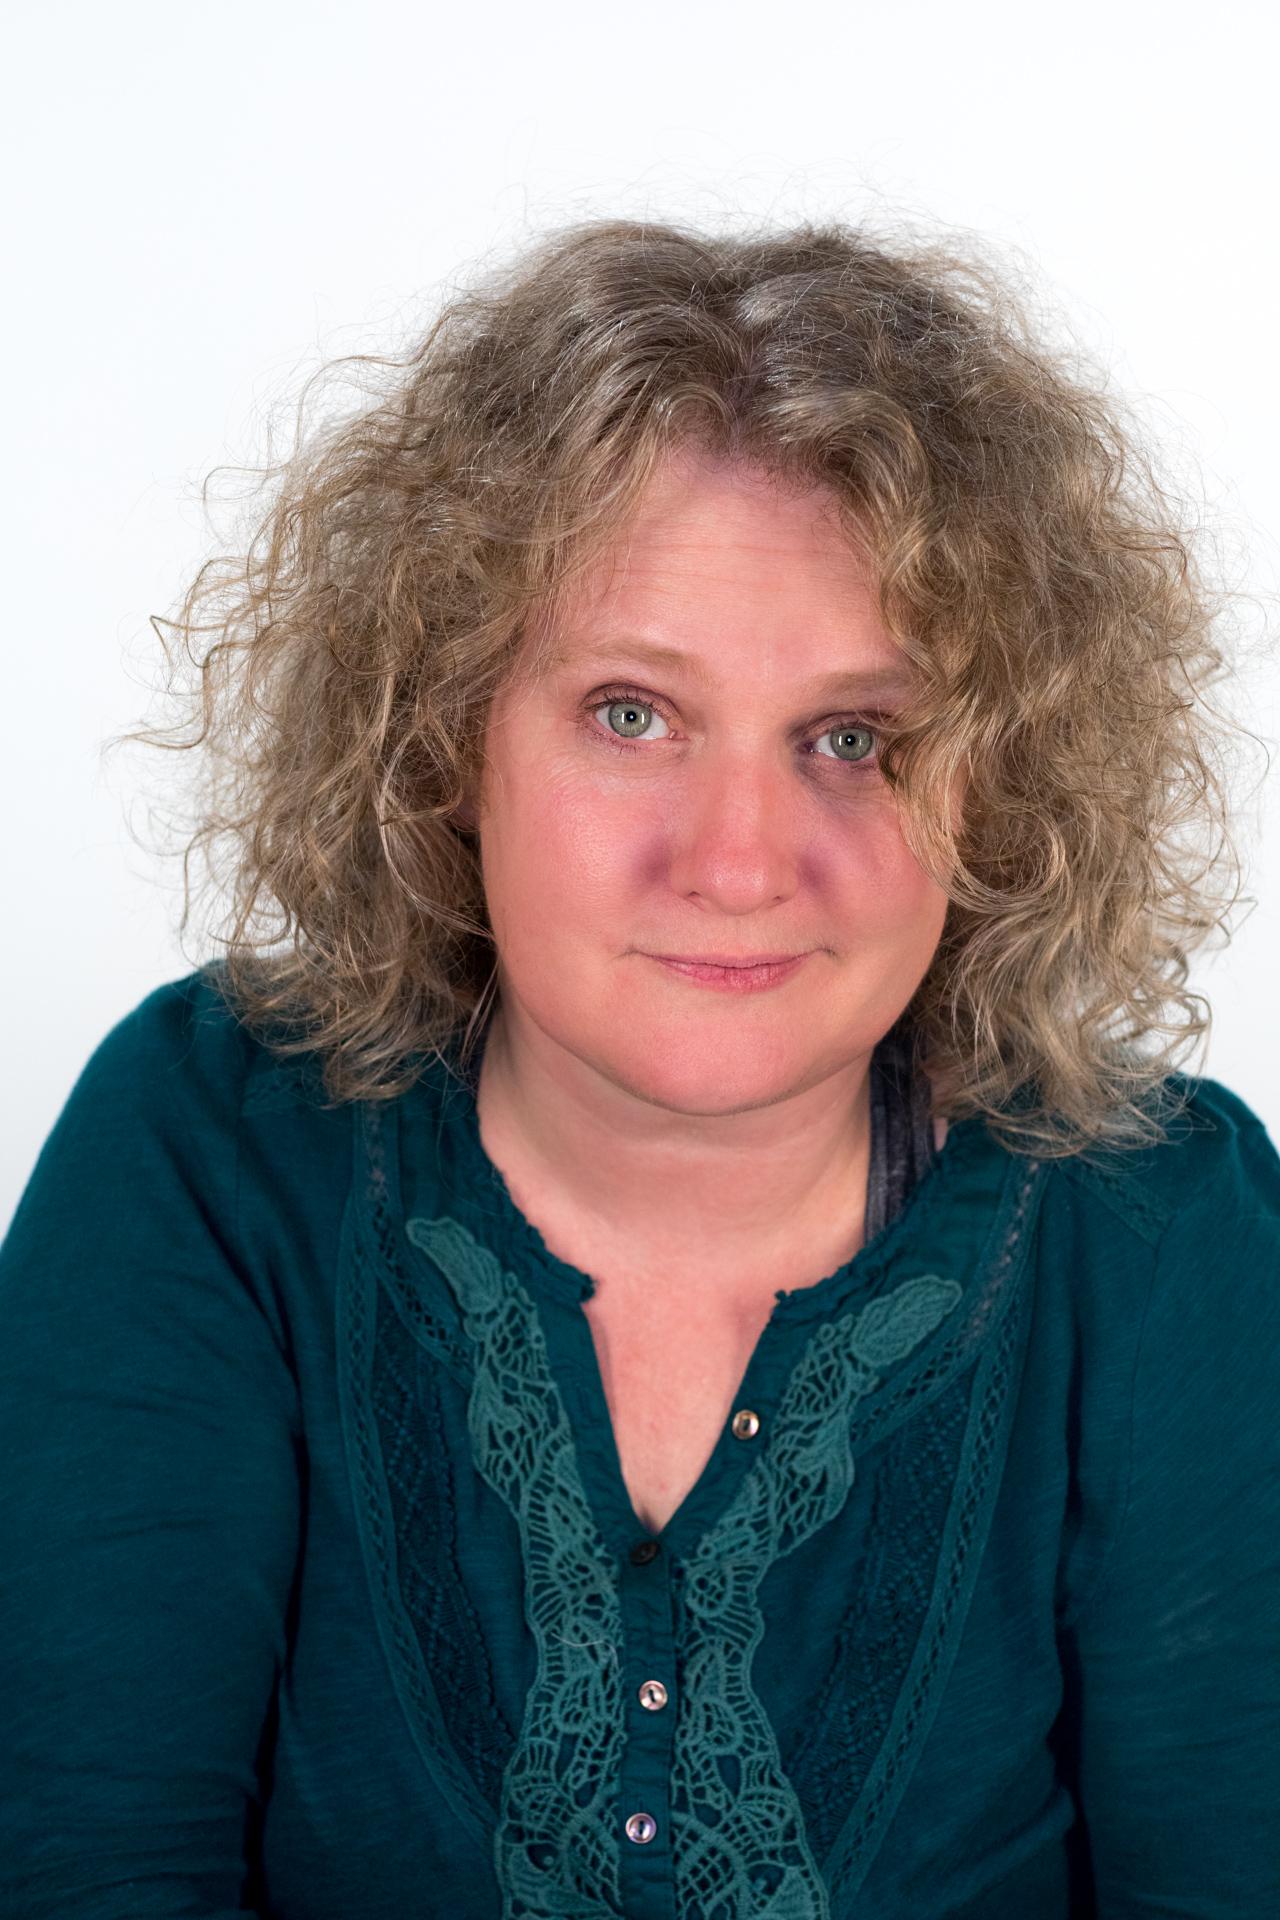 Lauren Bergfeld